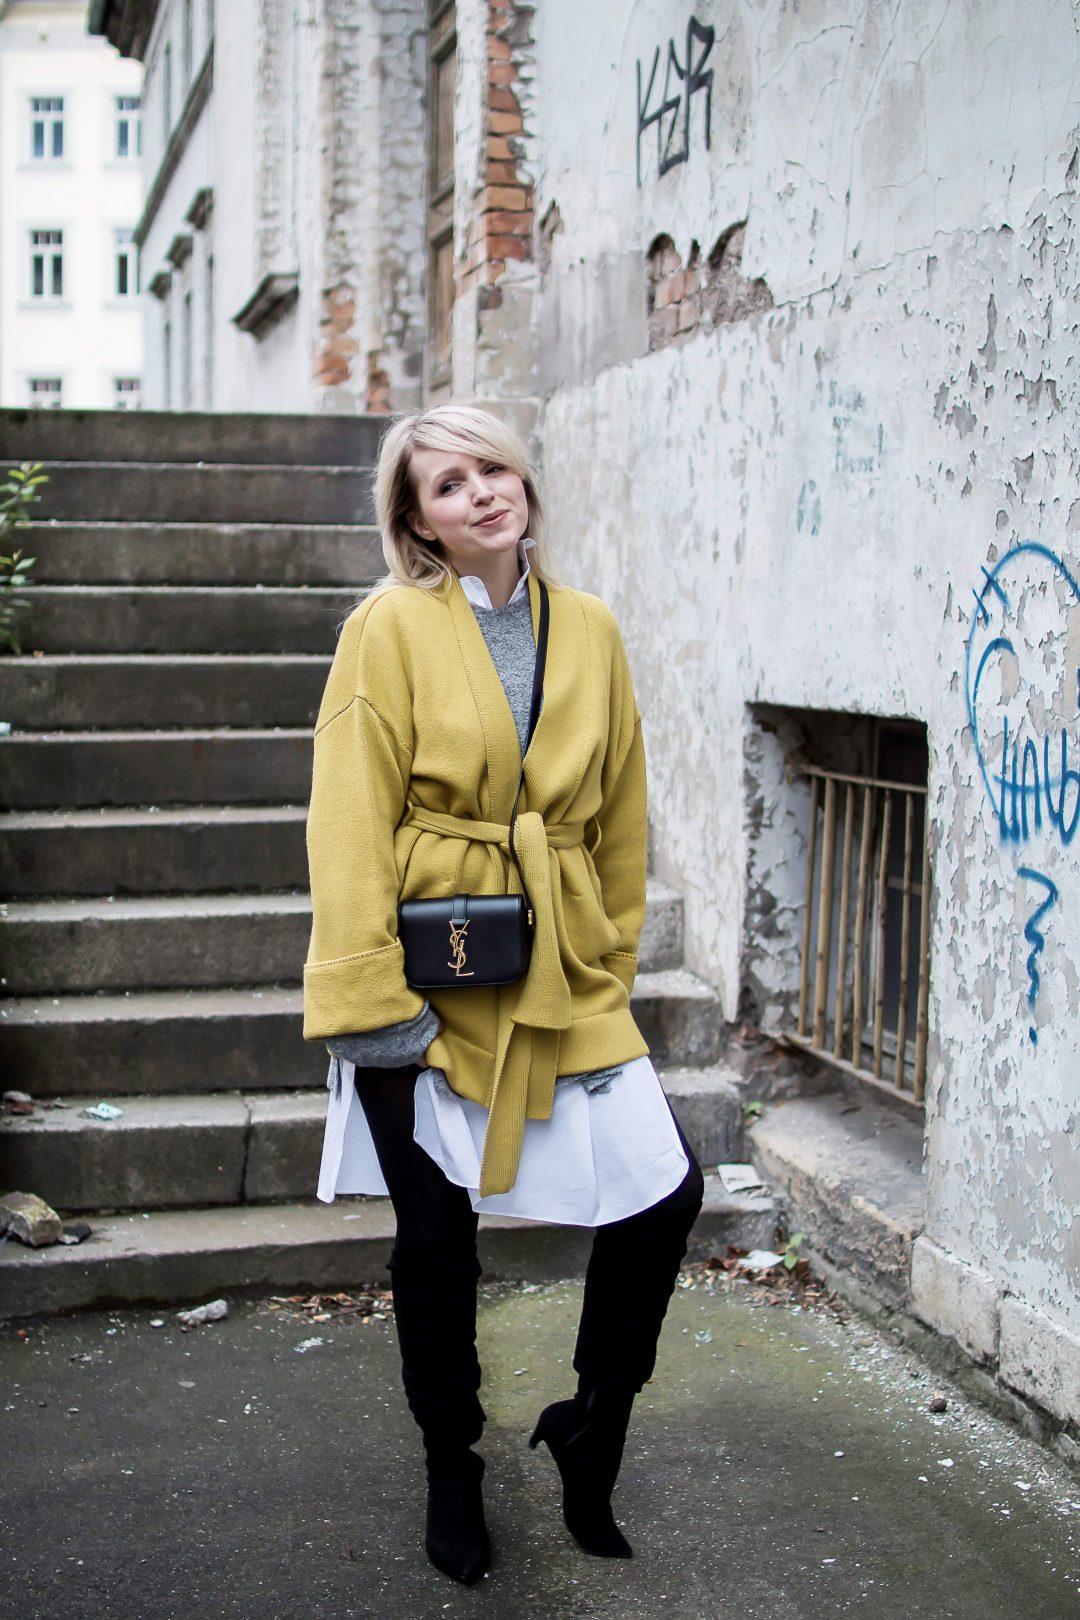 Trendfarbe_im_Herbst_ist_Senfgelb_Fashion_Inspiration_im_Herbst_Winter